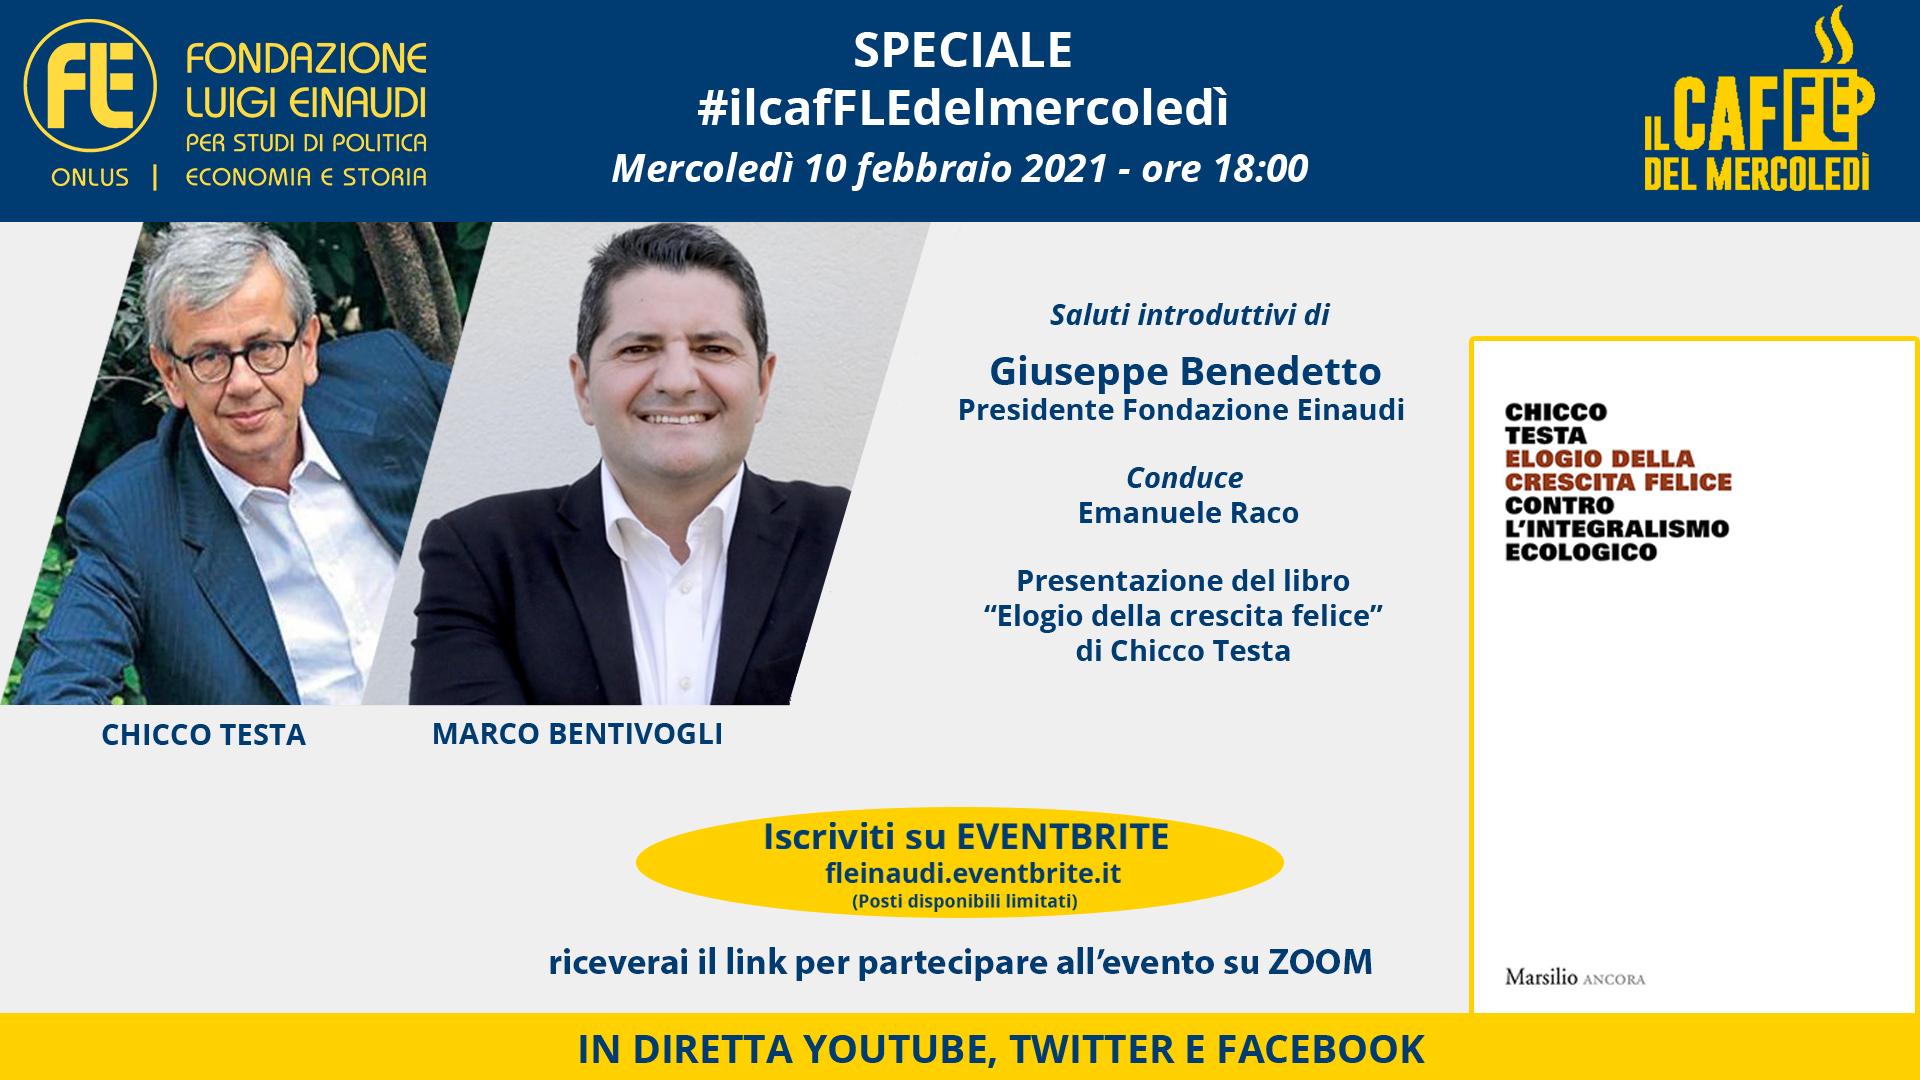 """#ilcafFLEdelmercoledì – Speciale presentazione del libro """"Elogio della crescita felice"""" di Chicco Testa, con Marco Bentivogli"""